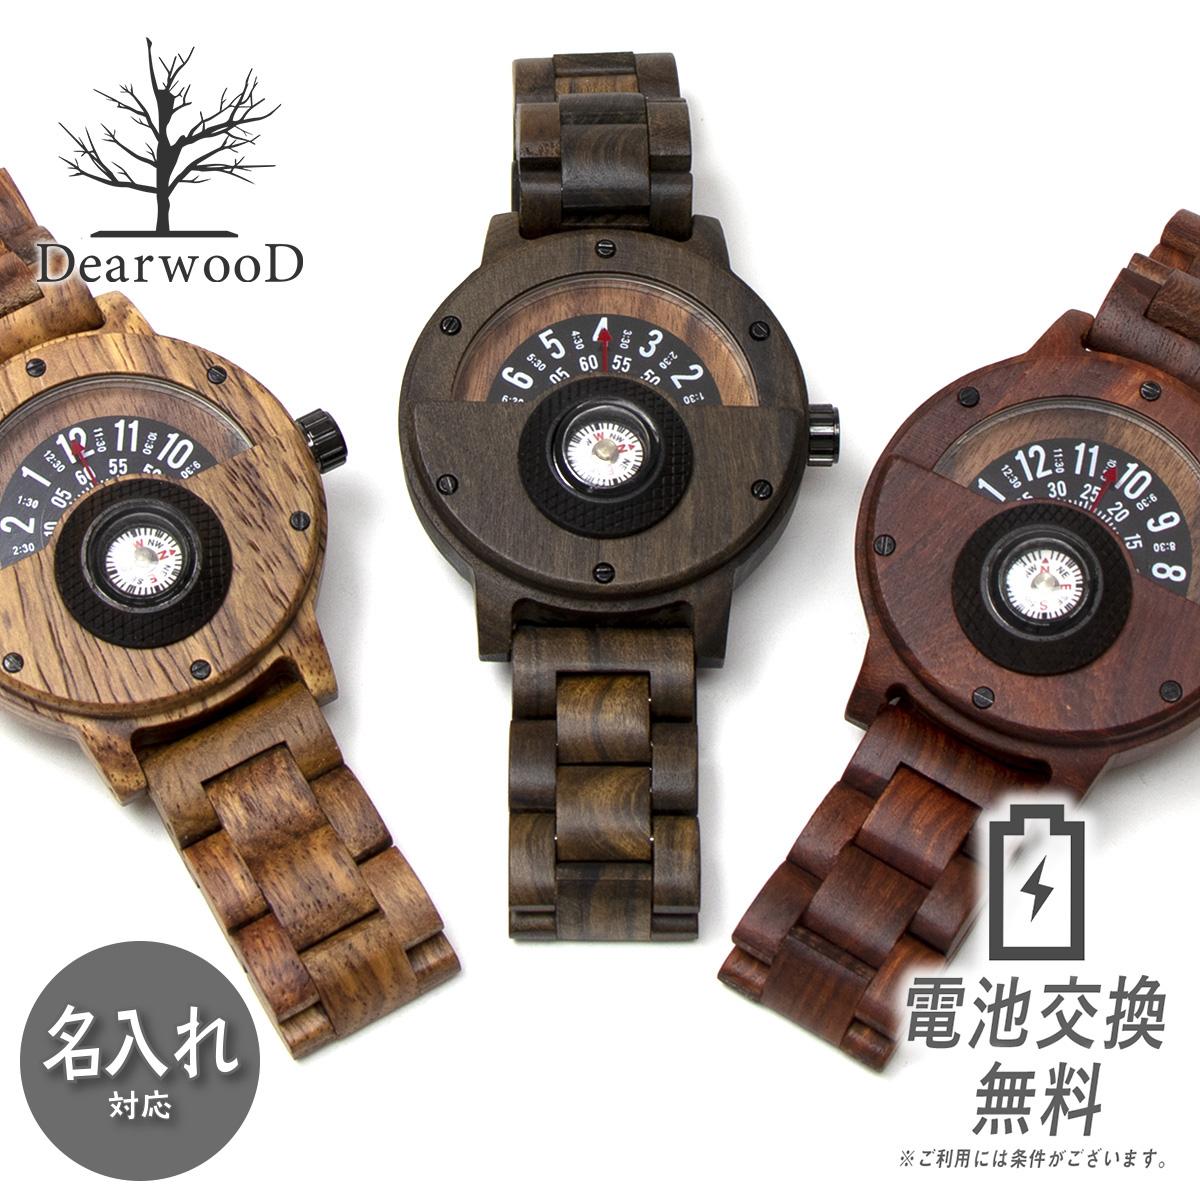 【名入れ】【ラッピング無料】DearwooD ディアウッド 木の腕時計 木製 時計 ディスク式 コンパス 方位磁針付き メンズ 男性用 腕時計 方位磁石 ウッドブレスレット 木の時計 ウッドウォッチ